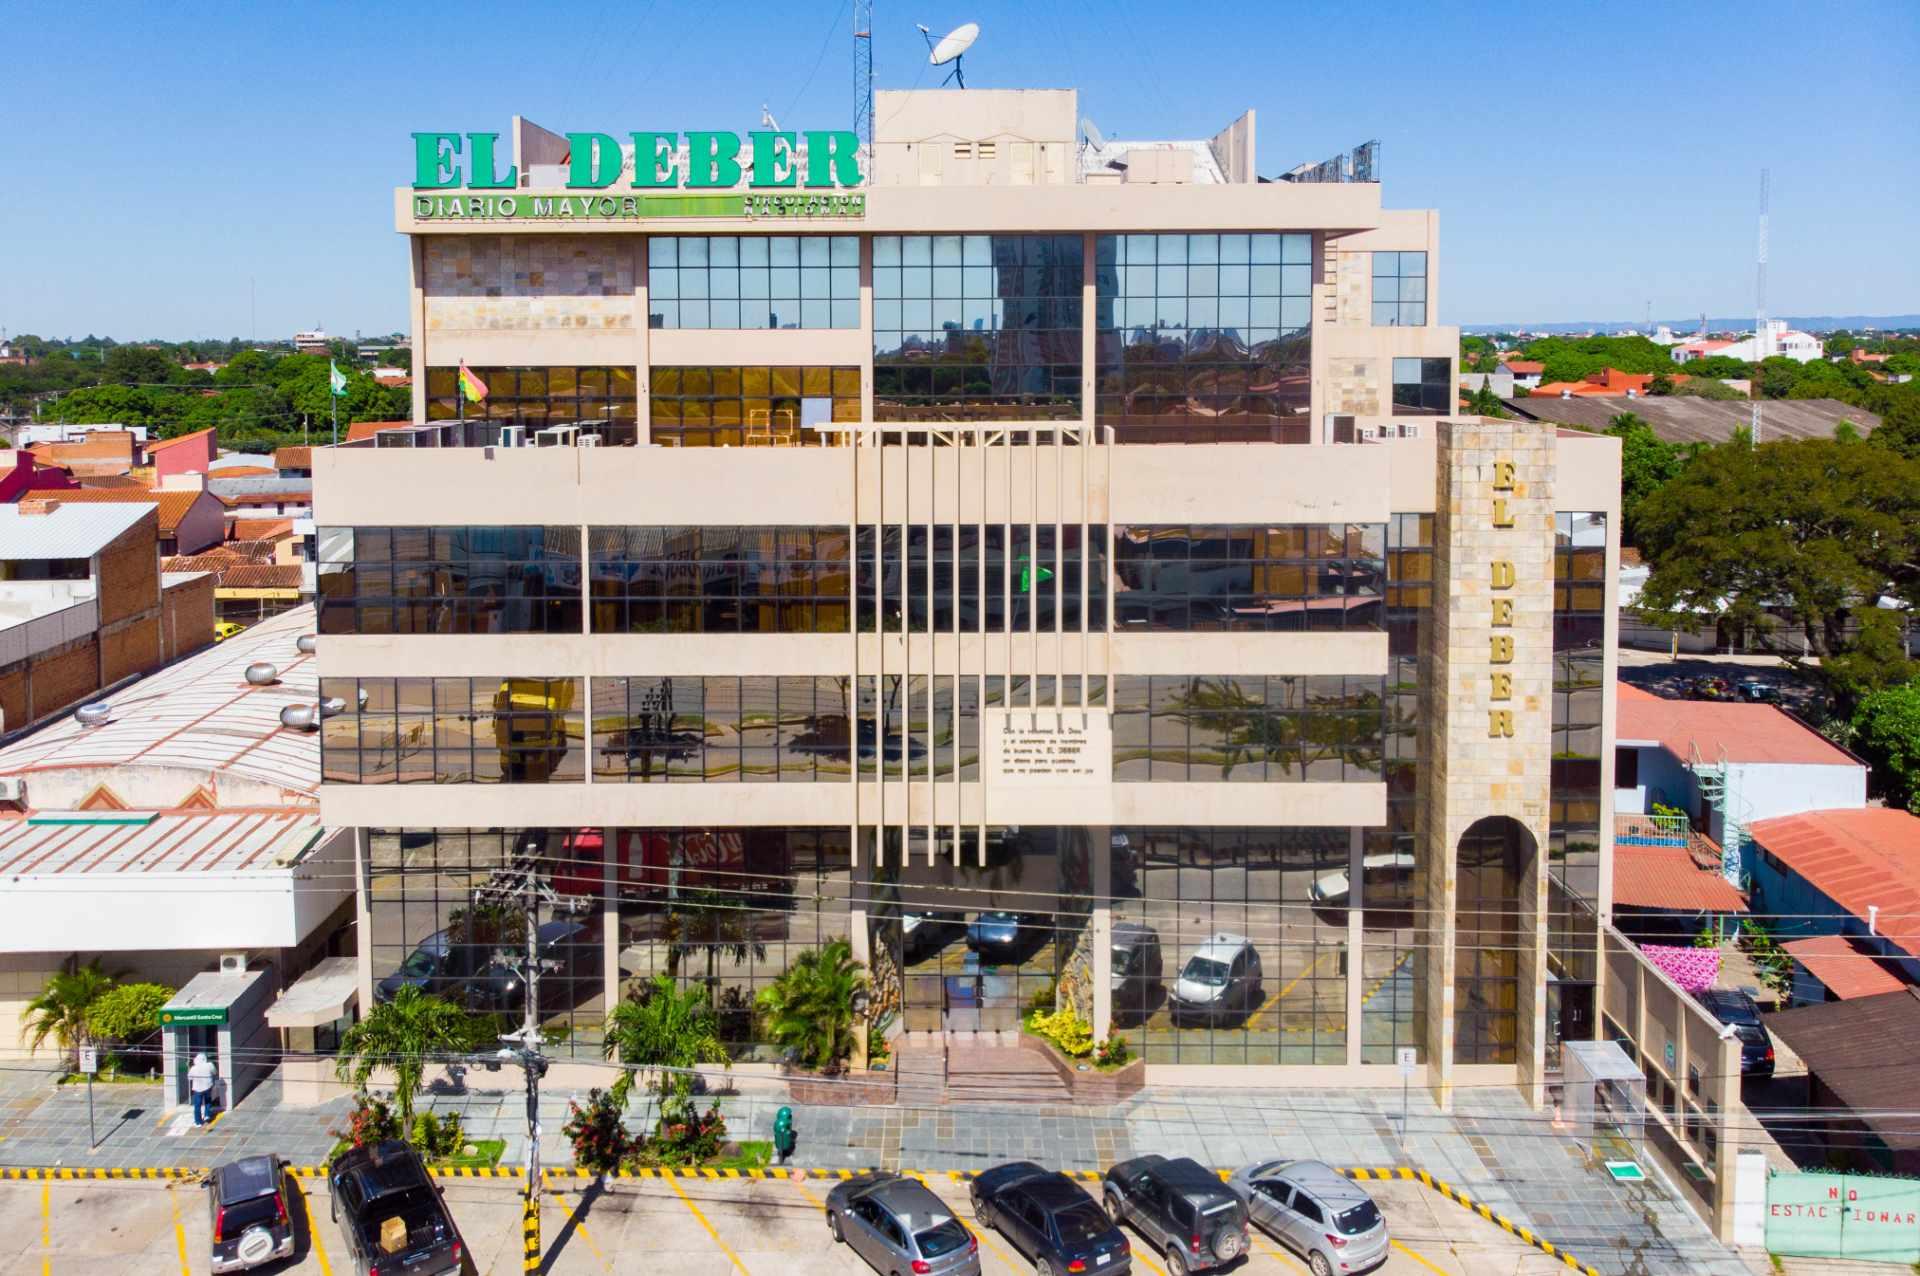 Edificio en Venta Edificio corporativo Avenida El Trompillo (2do anillo), esquina calle Melquiades Barbery Foto 2